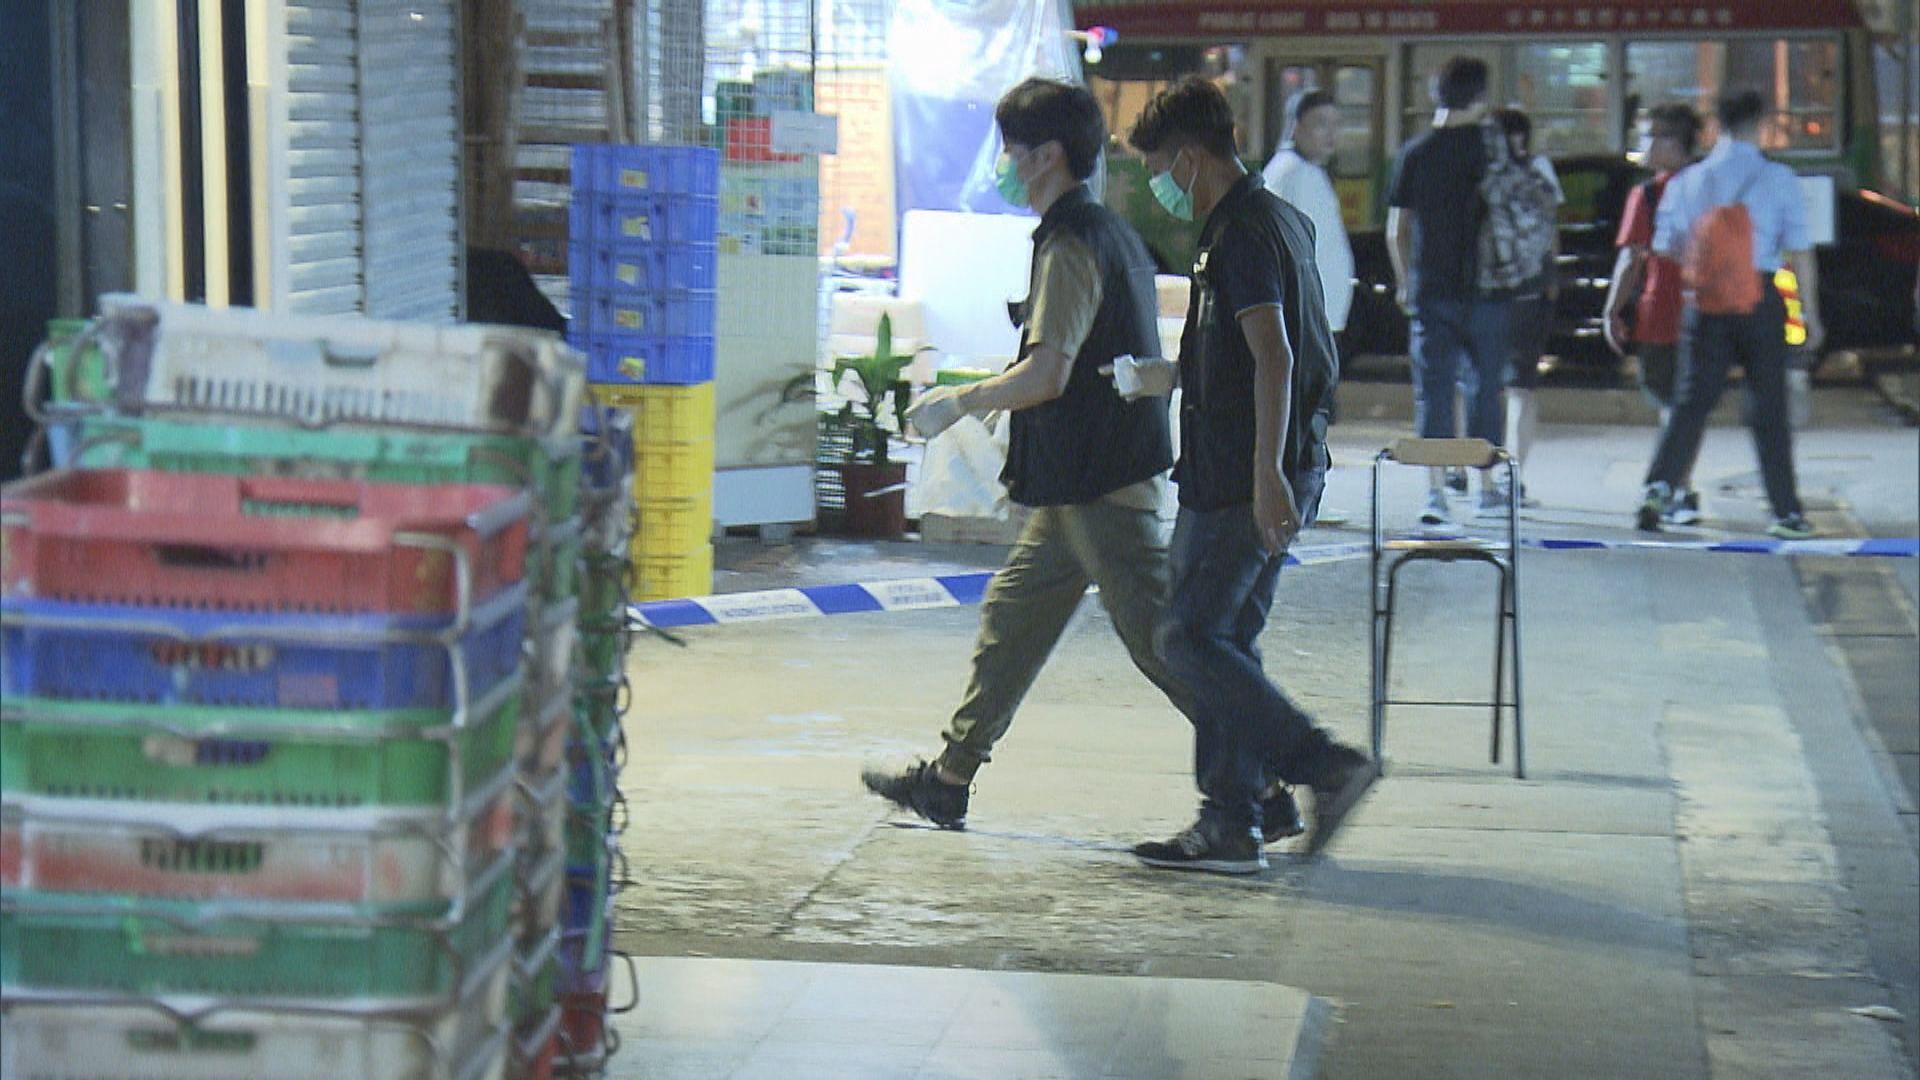 元朗17歲青年遇襲中刀亡 警列謀殺案